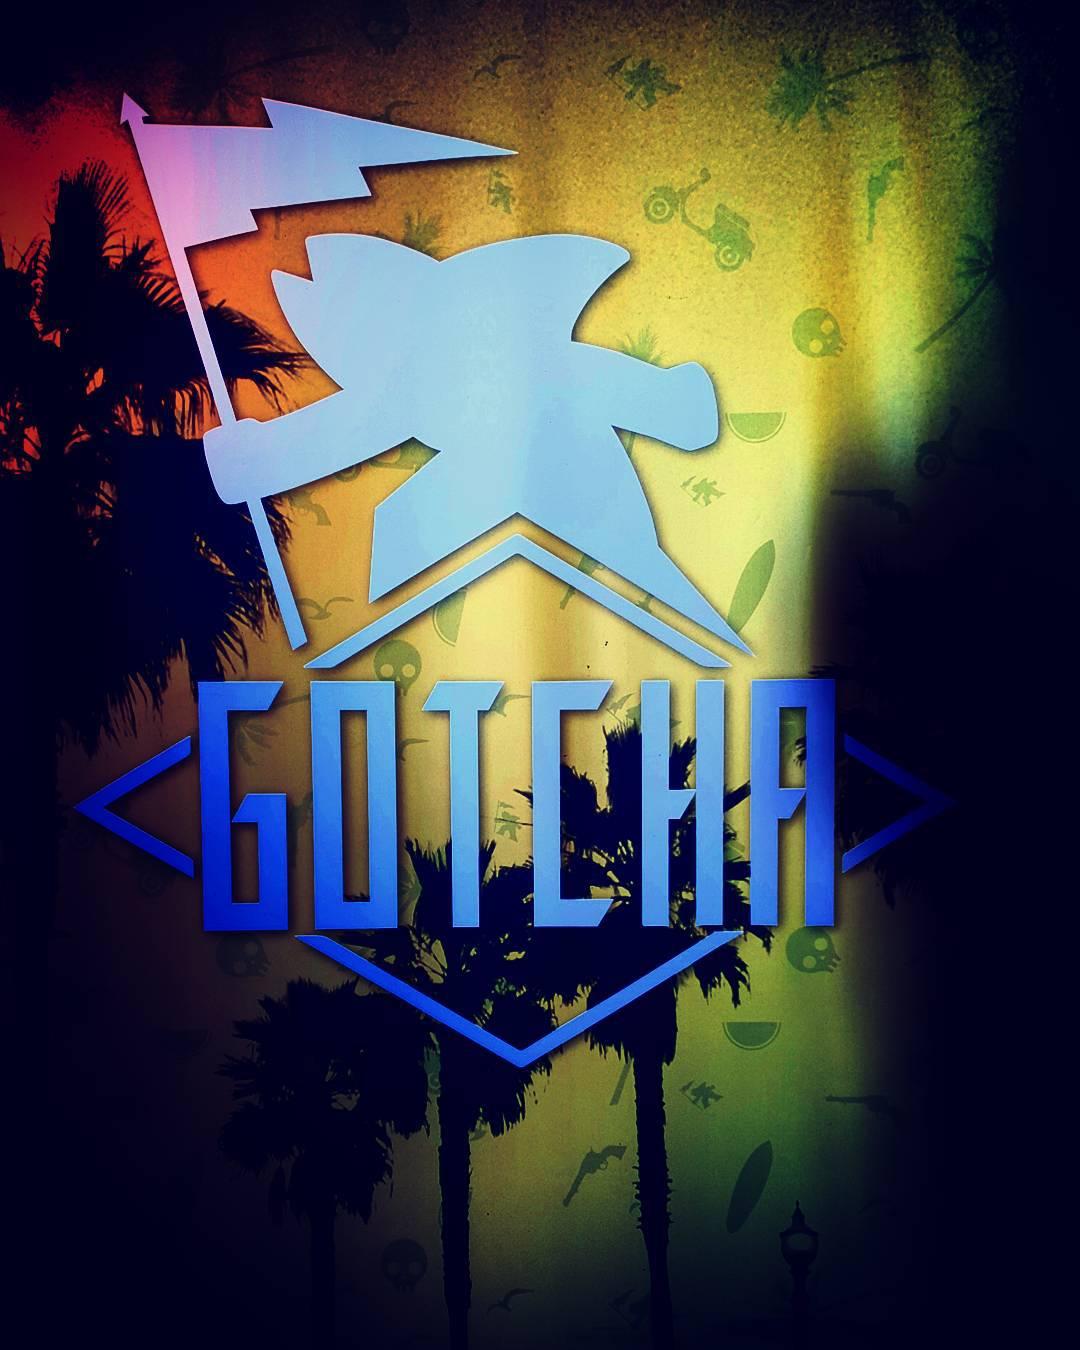 Gotcha #surf #skate #music #art #fun  LAGUNA BEACH, CA.-